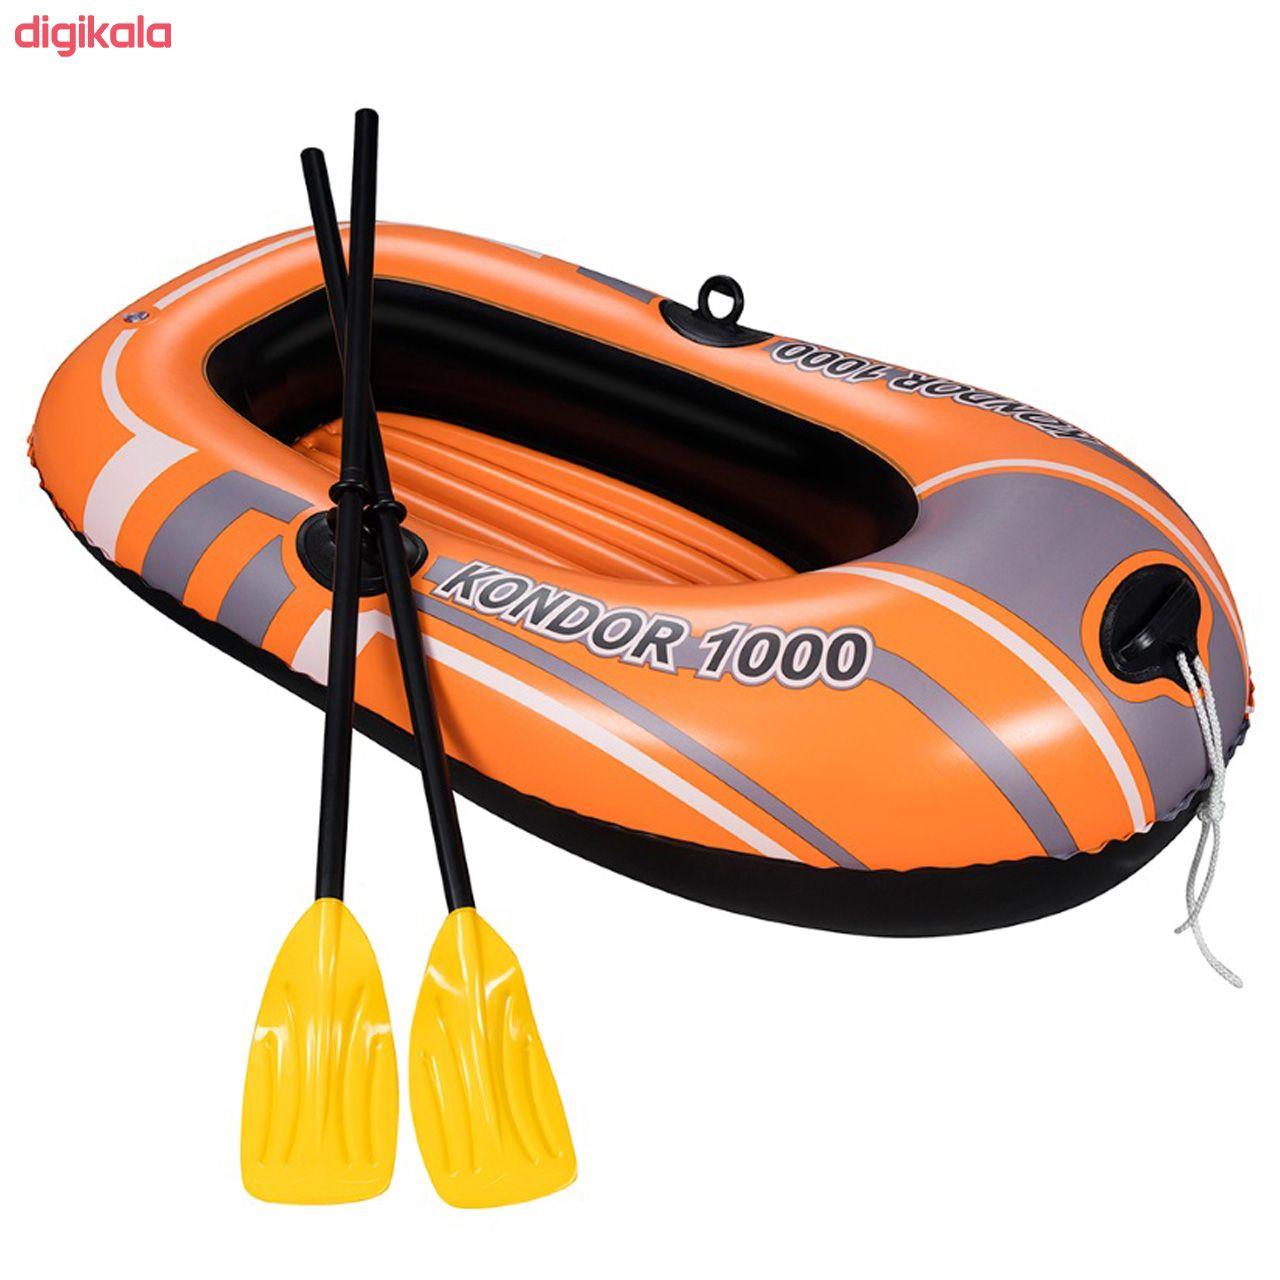 قایق بادی بست وی مدل Kondor1000  main 1 3